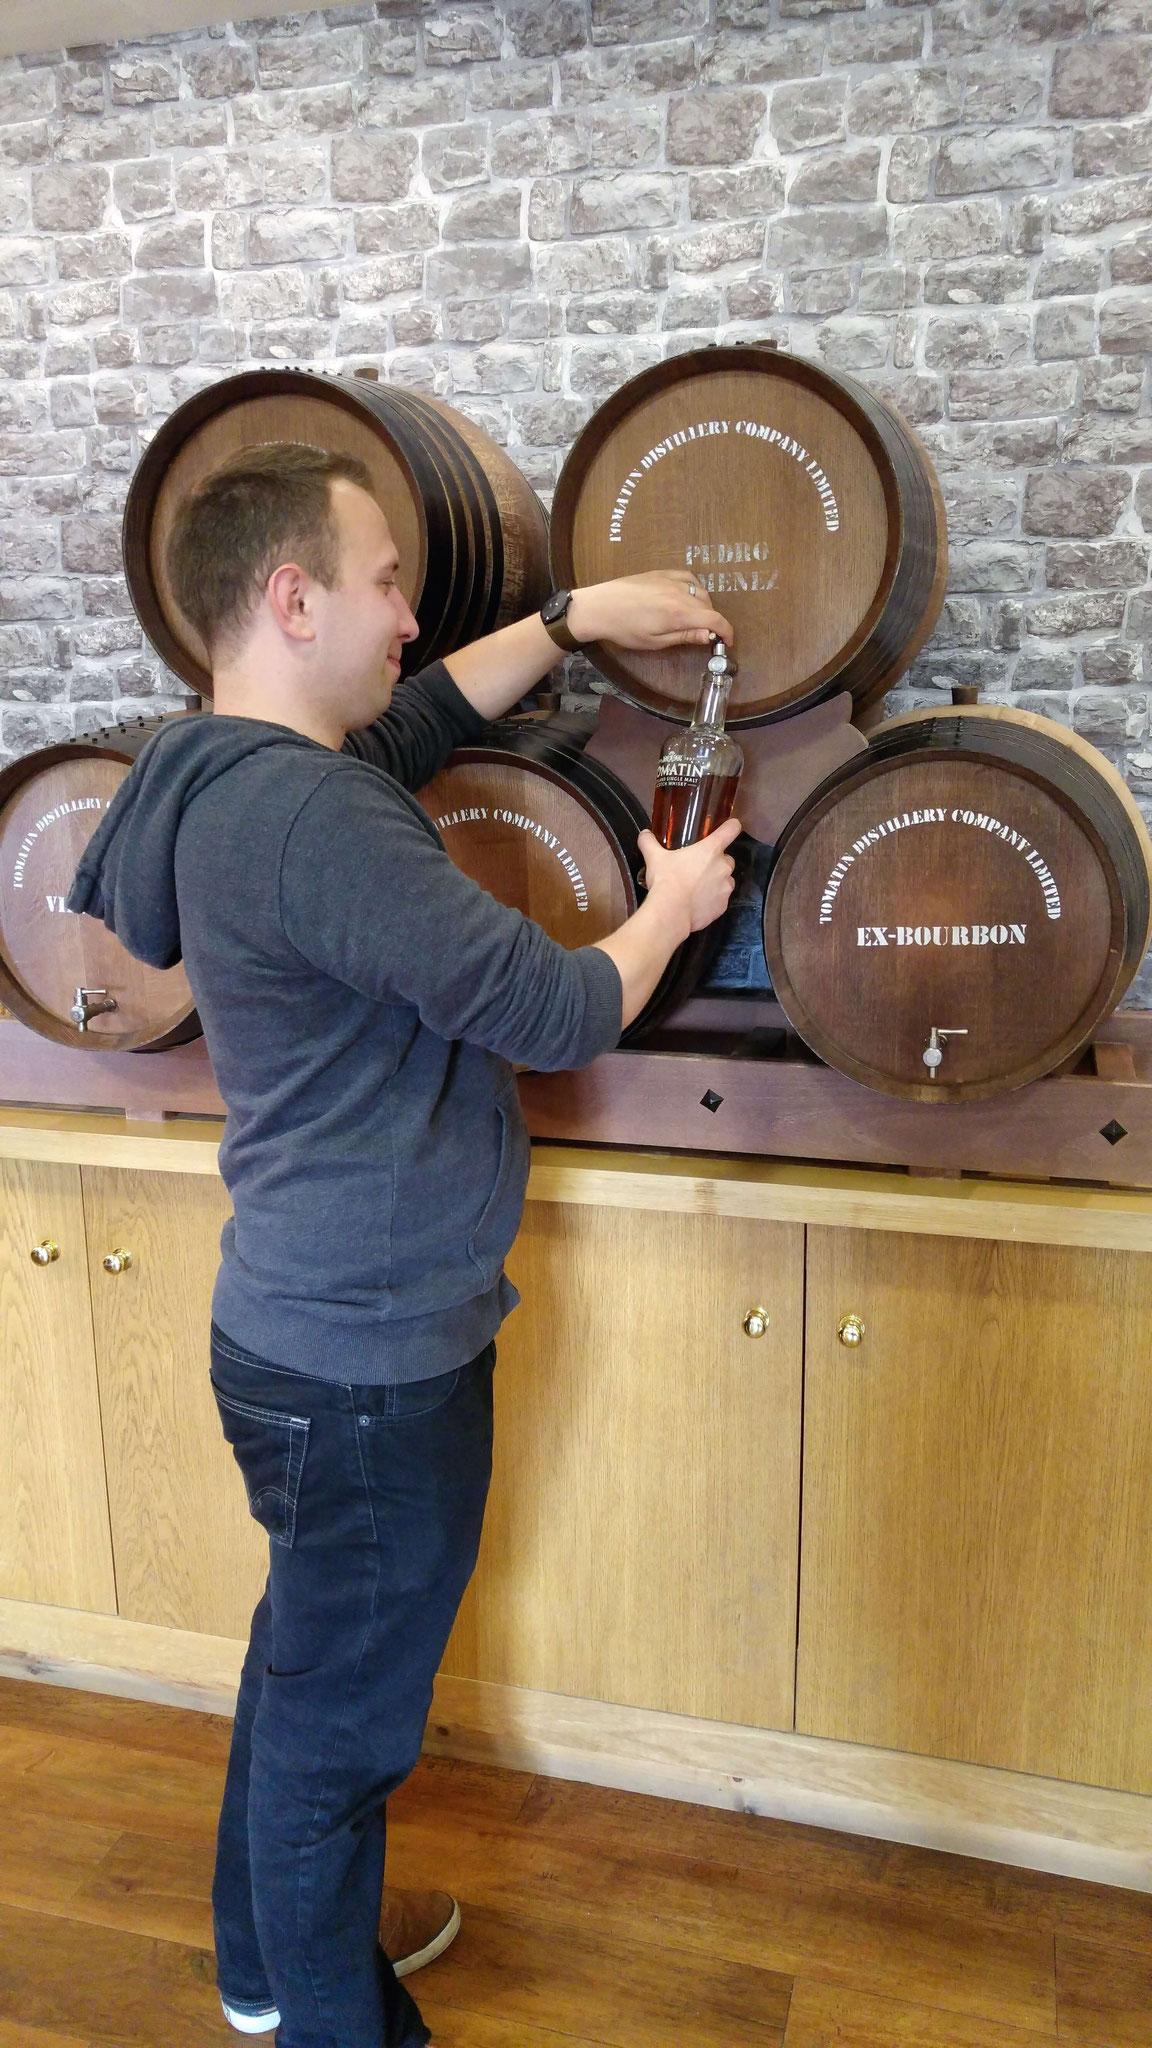 Die Abfüllung des heutigen Whisky!